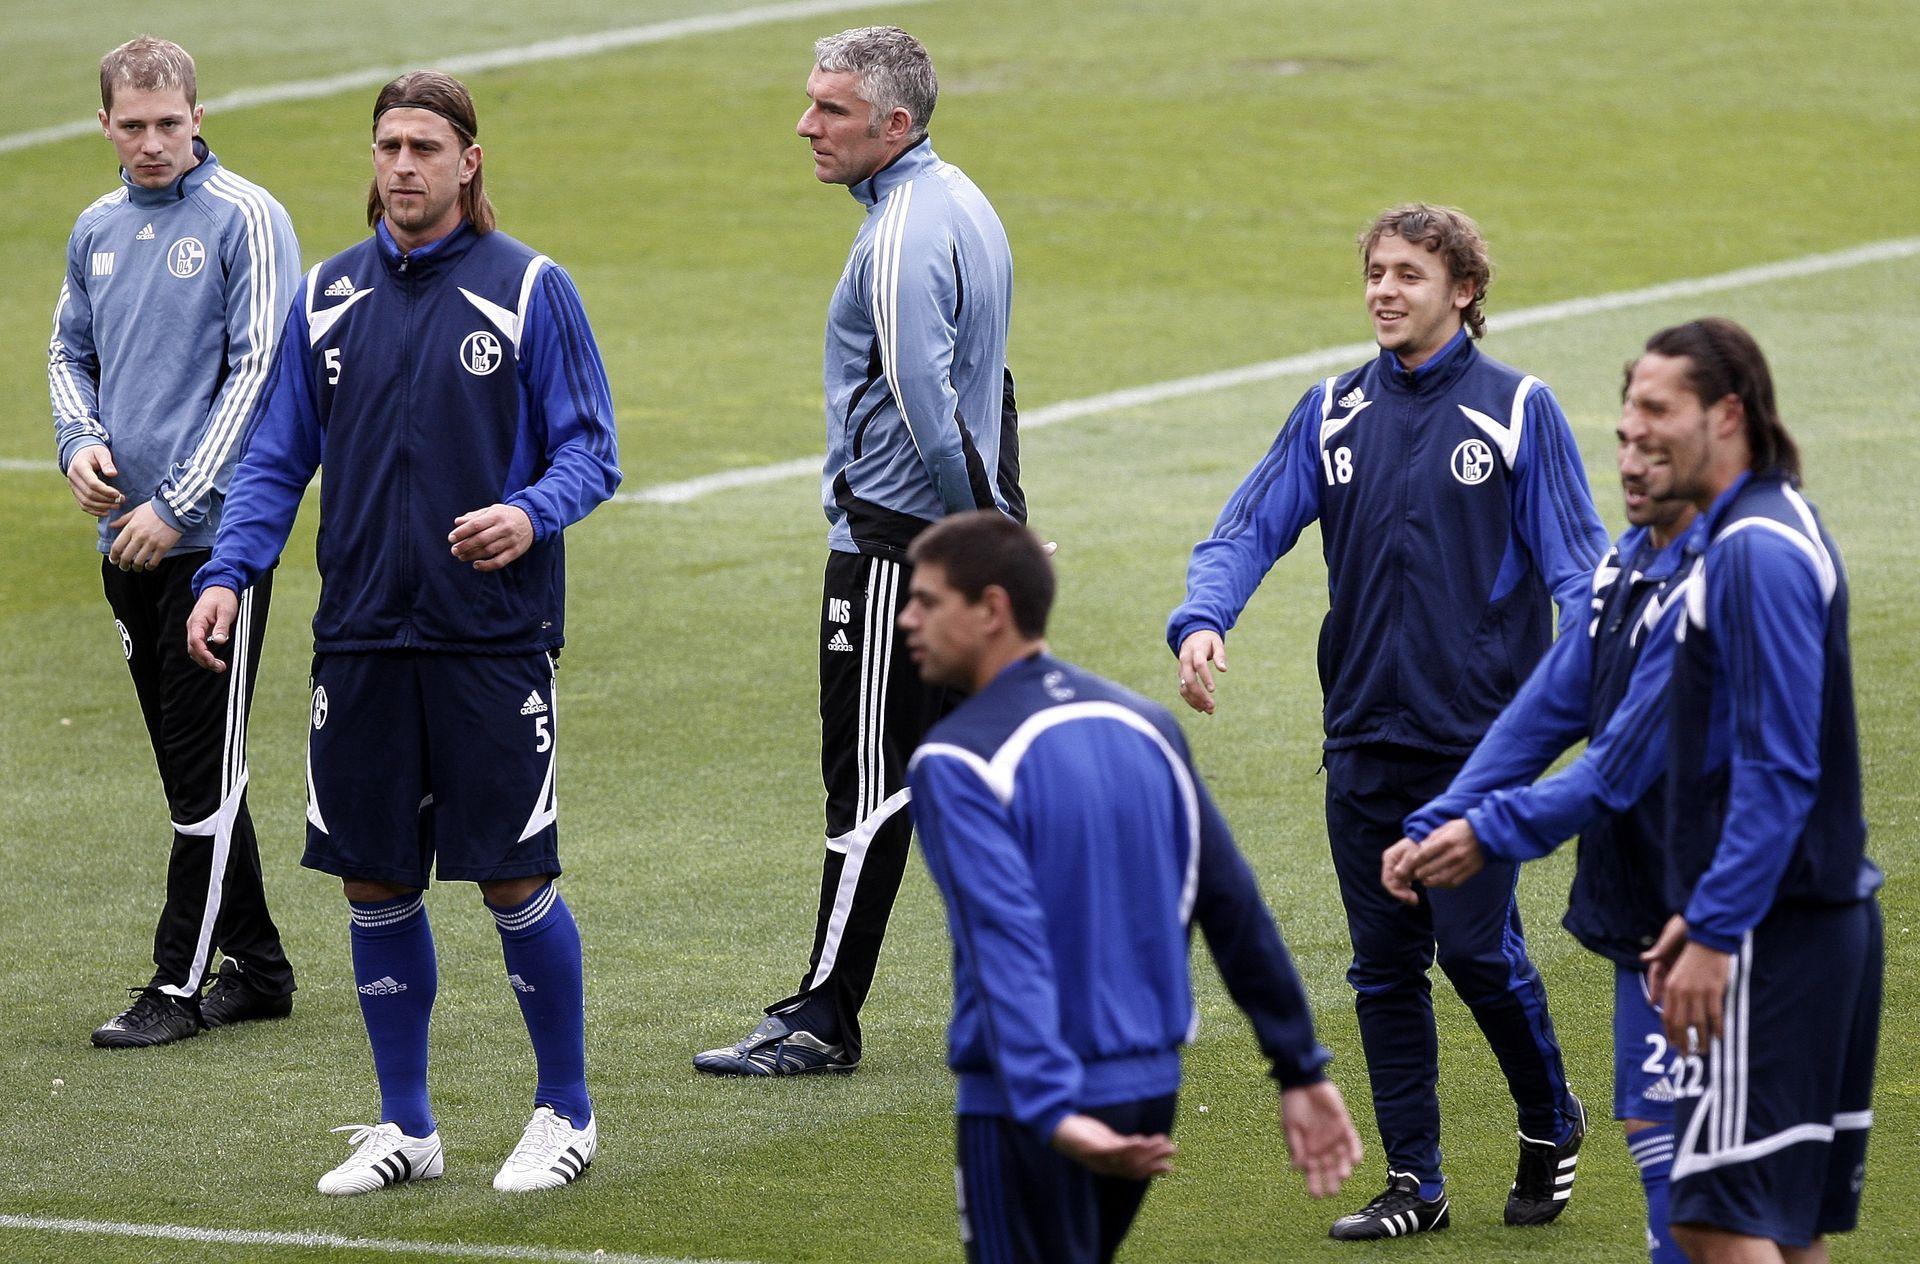 """Нестор (последният вляво) гледа доста притеснено край Мирко Сломка по време на тренировка на """"Камп Ноу"""" преди мач в Шампионската лига срещу """"Барселона""""."""